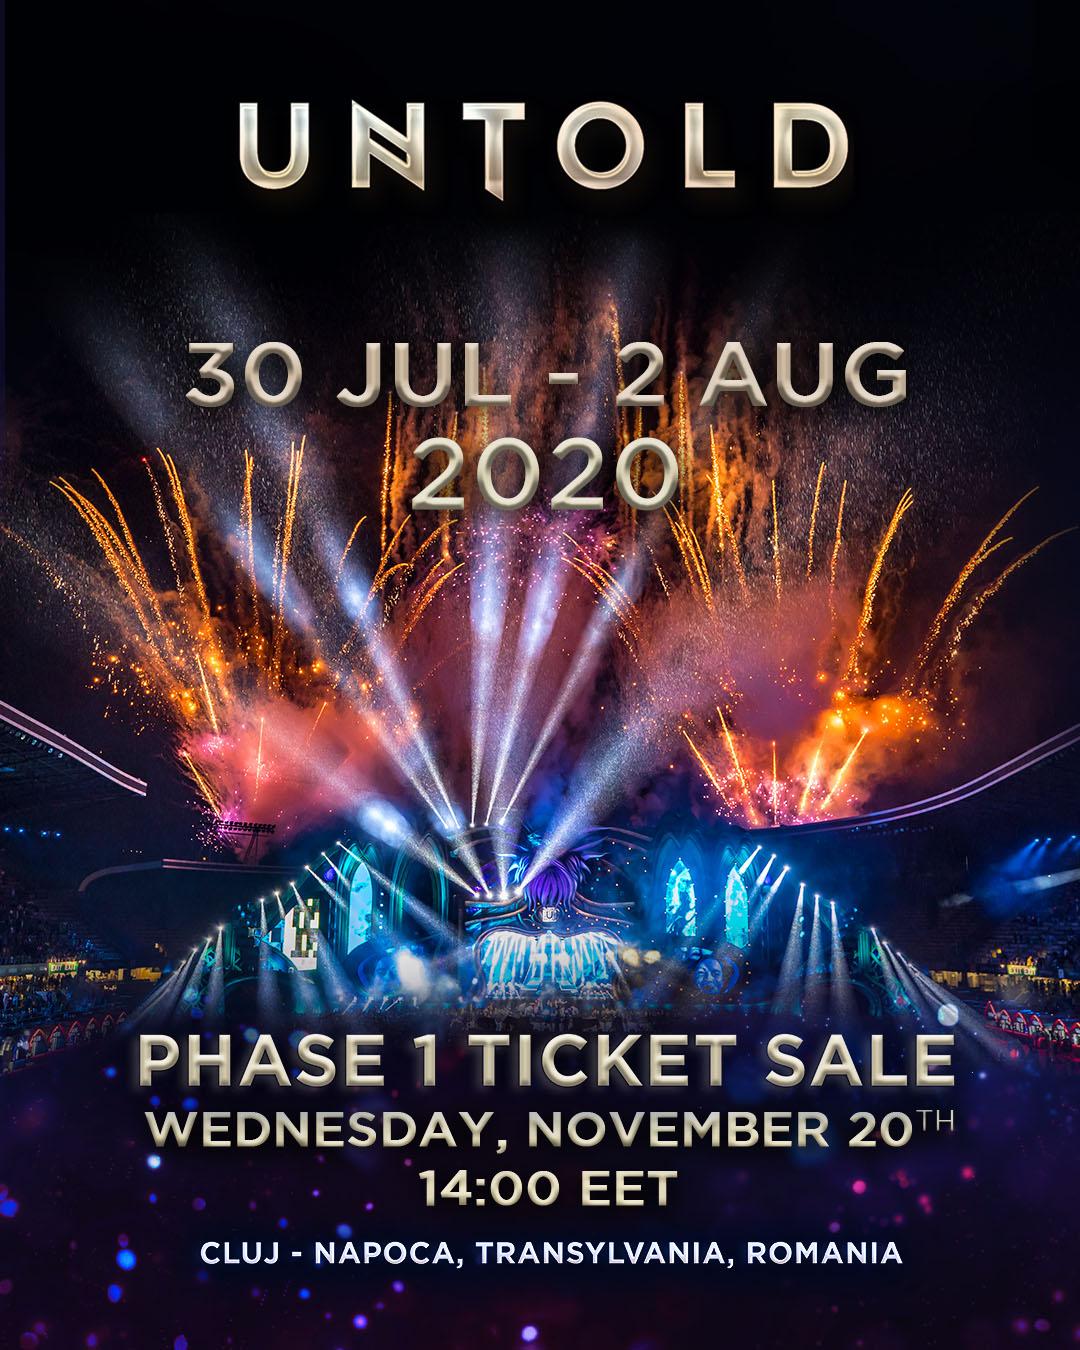 UNTOLD își deschide porțile tărâmului magic, în anul 2020, în perioada 30 iulie – 2 august